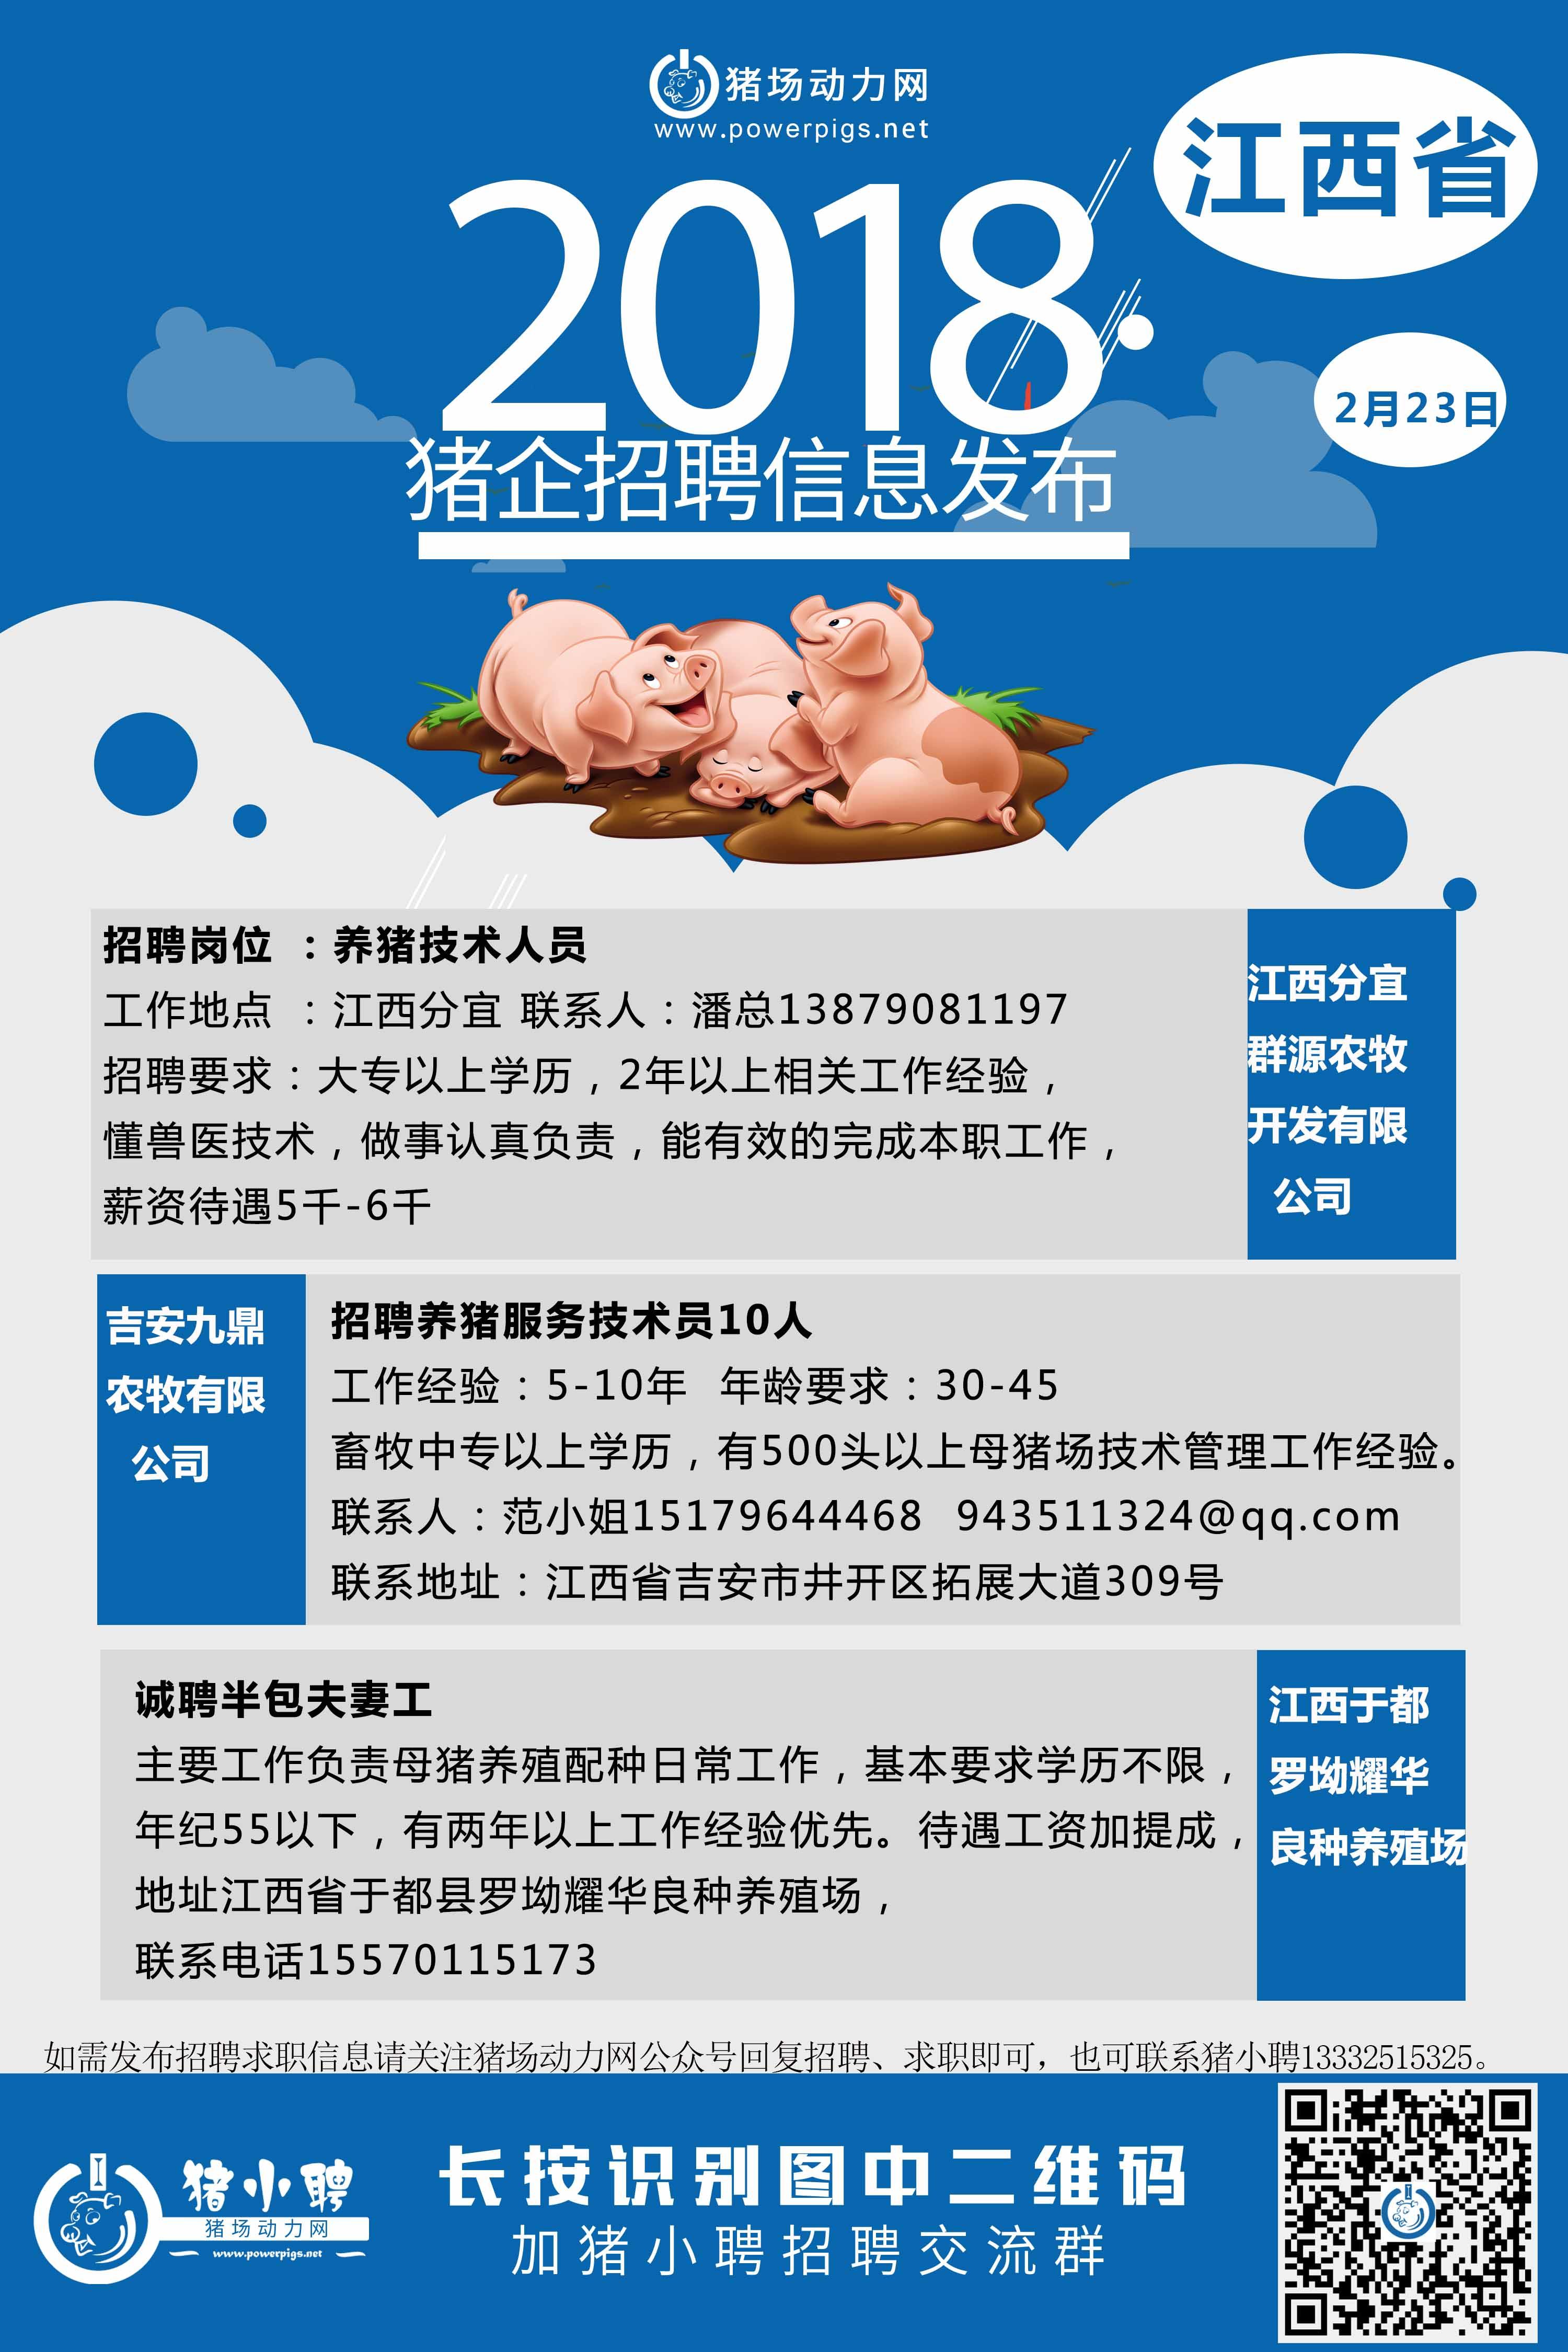 2.23日 江西猪场招聘 1 -.jpg